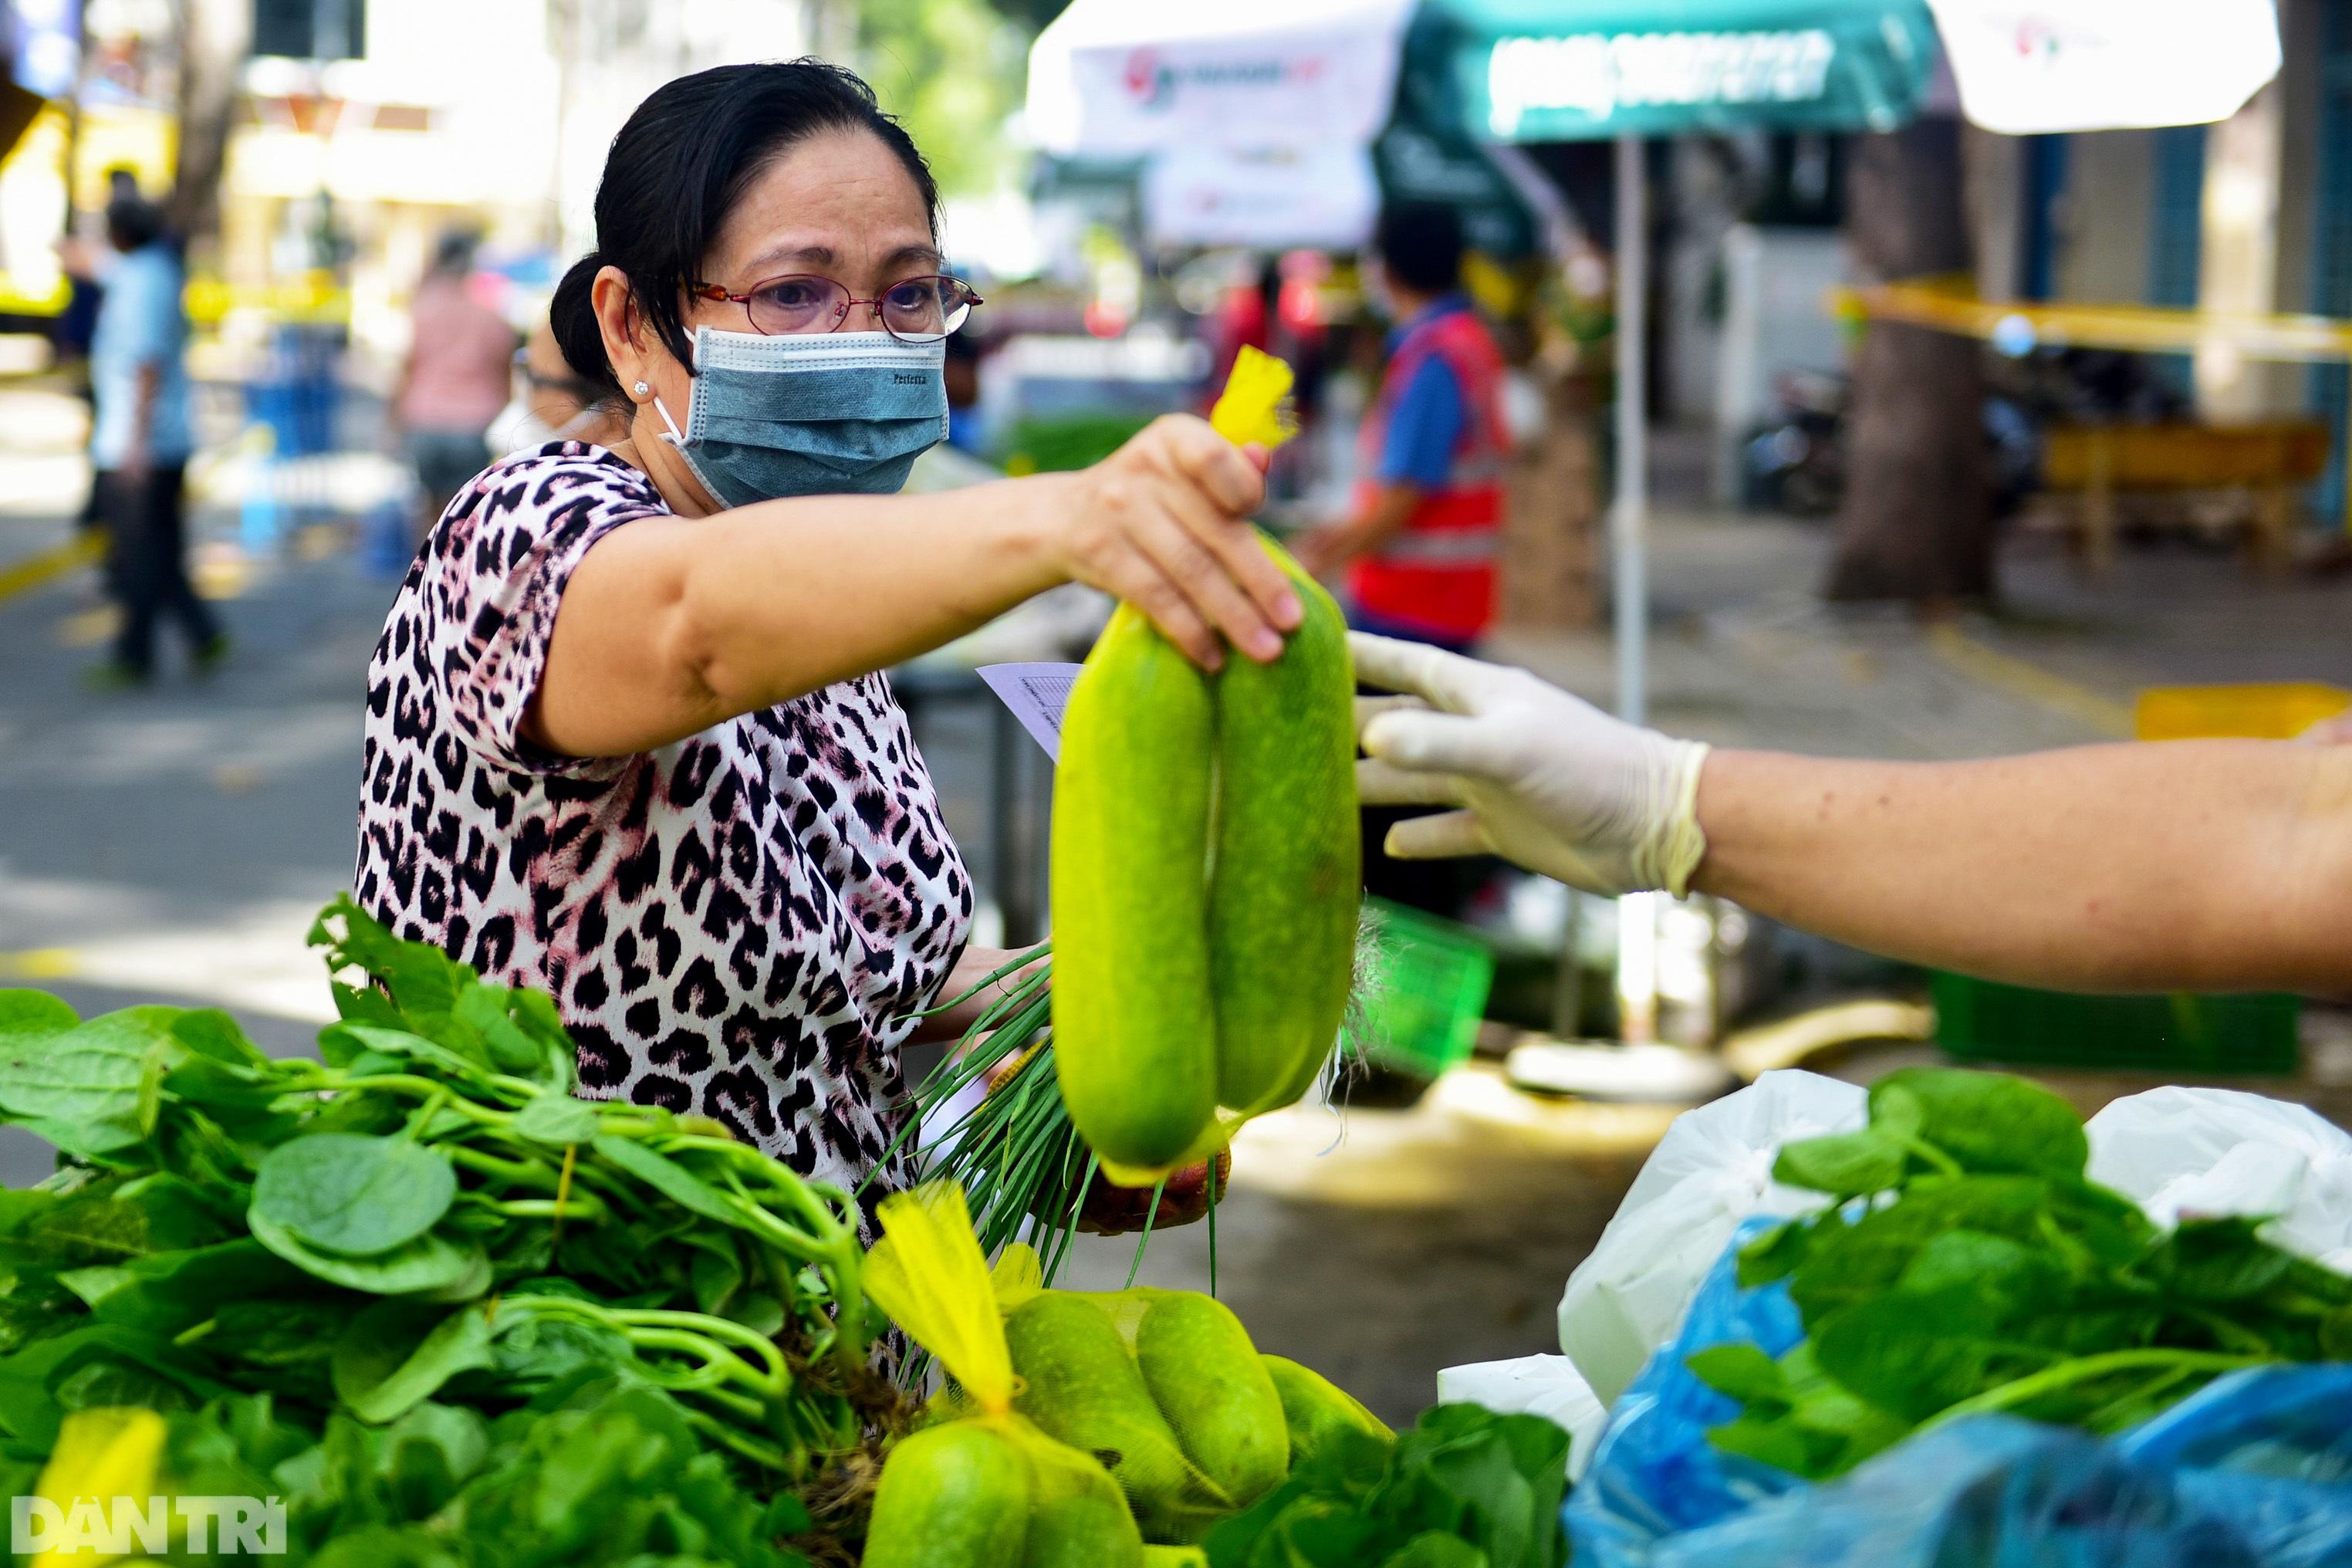 Chợ dã chiến dài 500 m trên vỉa hè phục vụ người dân vùng xanh TPHCM - 14